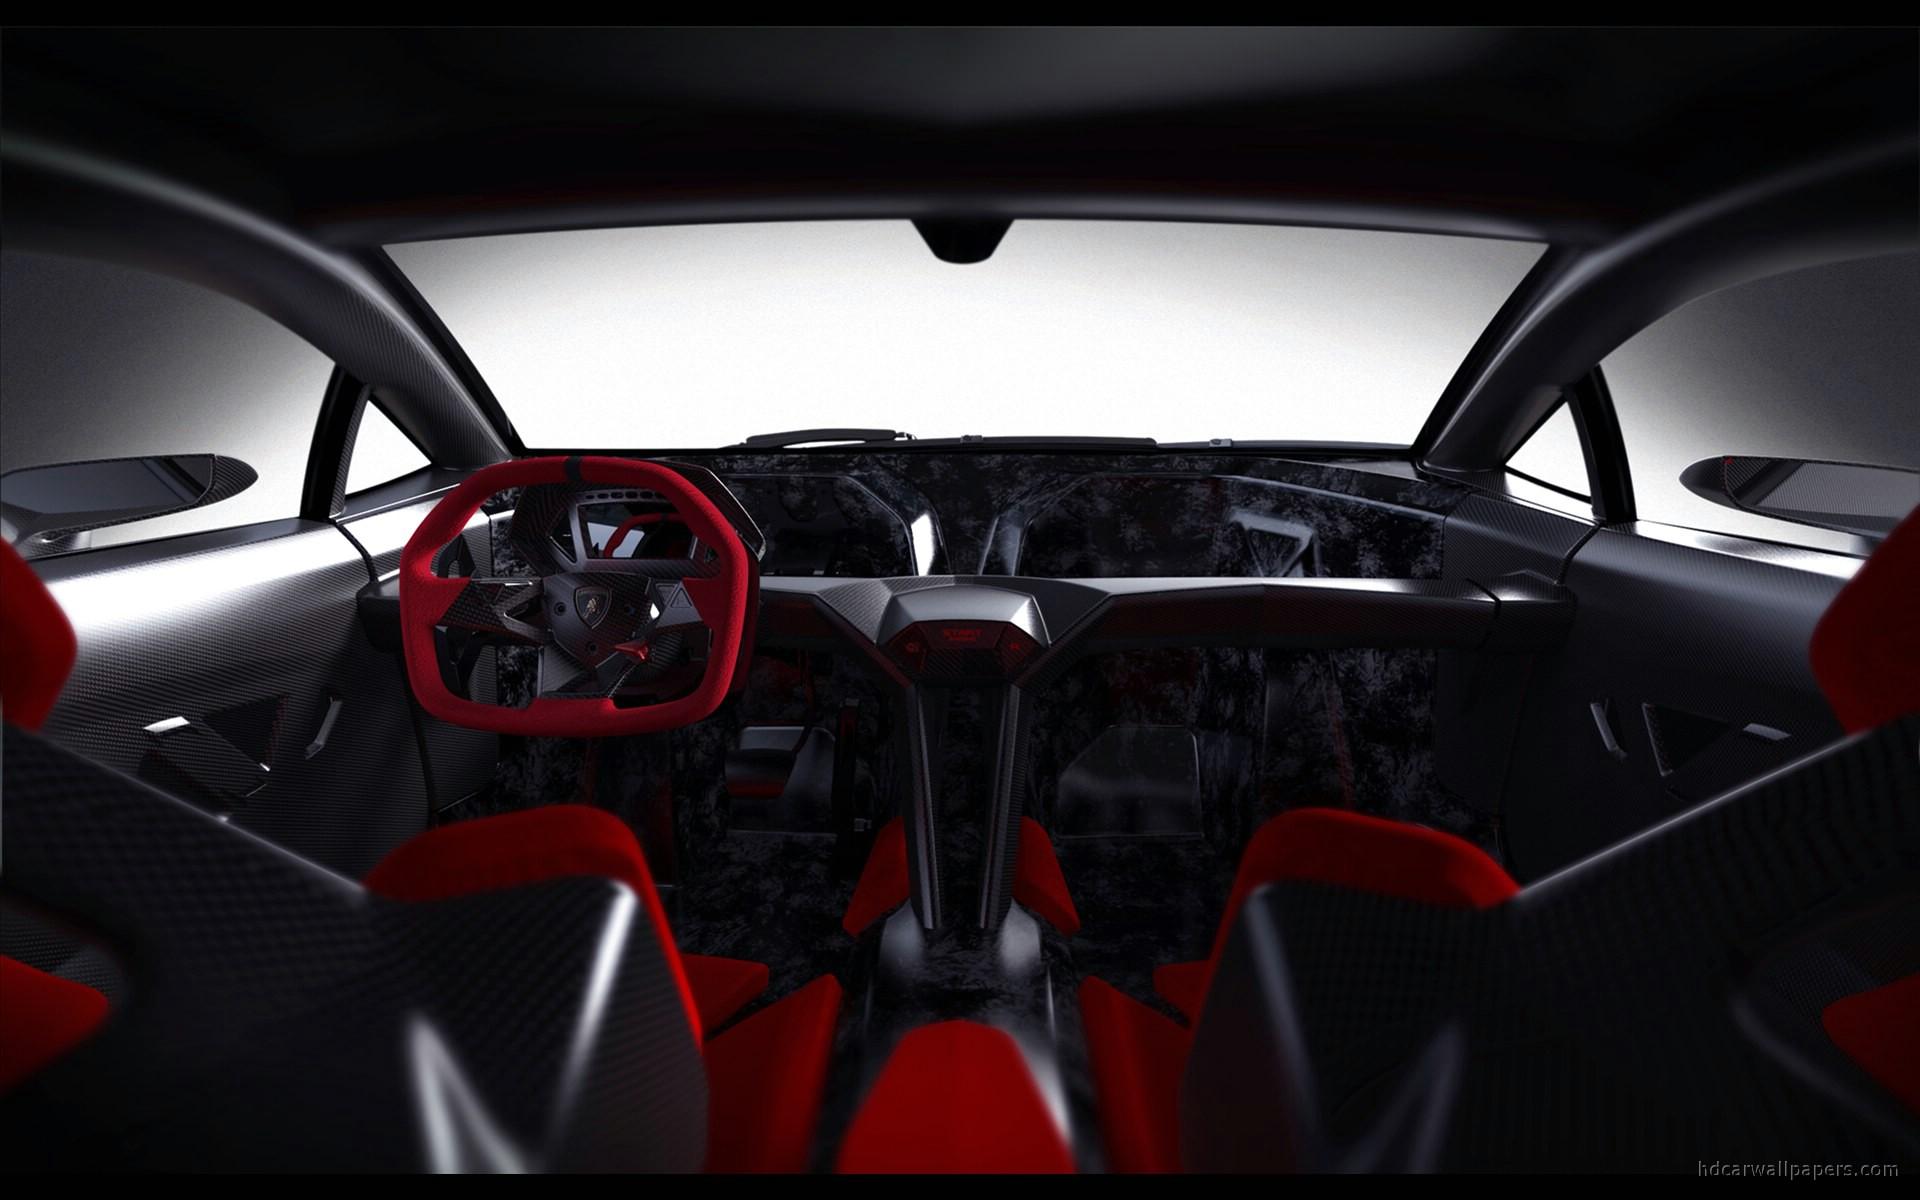 2010 Lamborghini Sesto Elemento Concept Interior Wallpaper ...